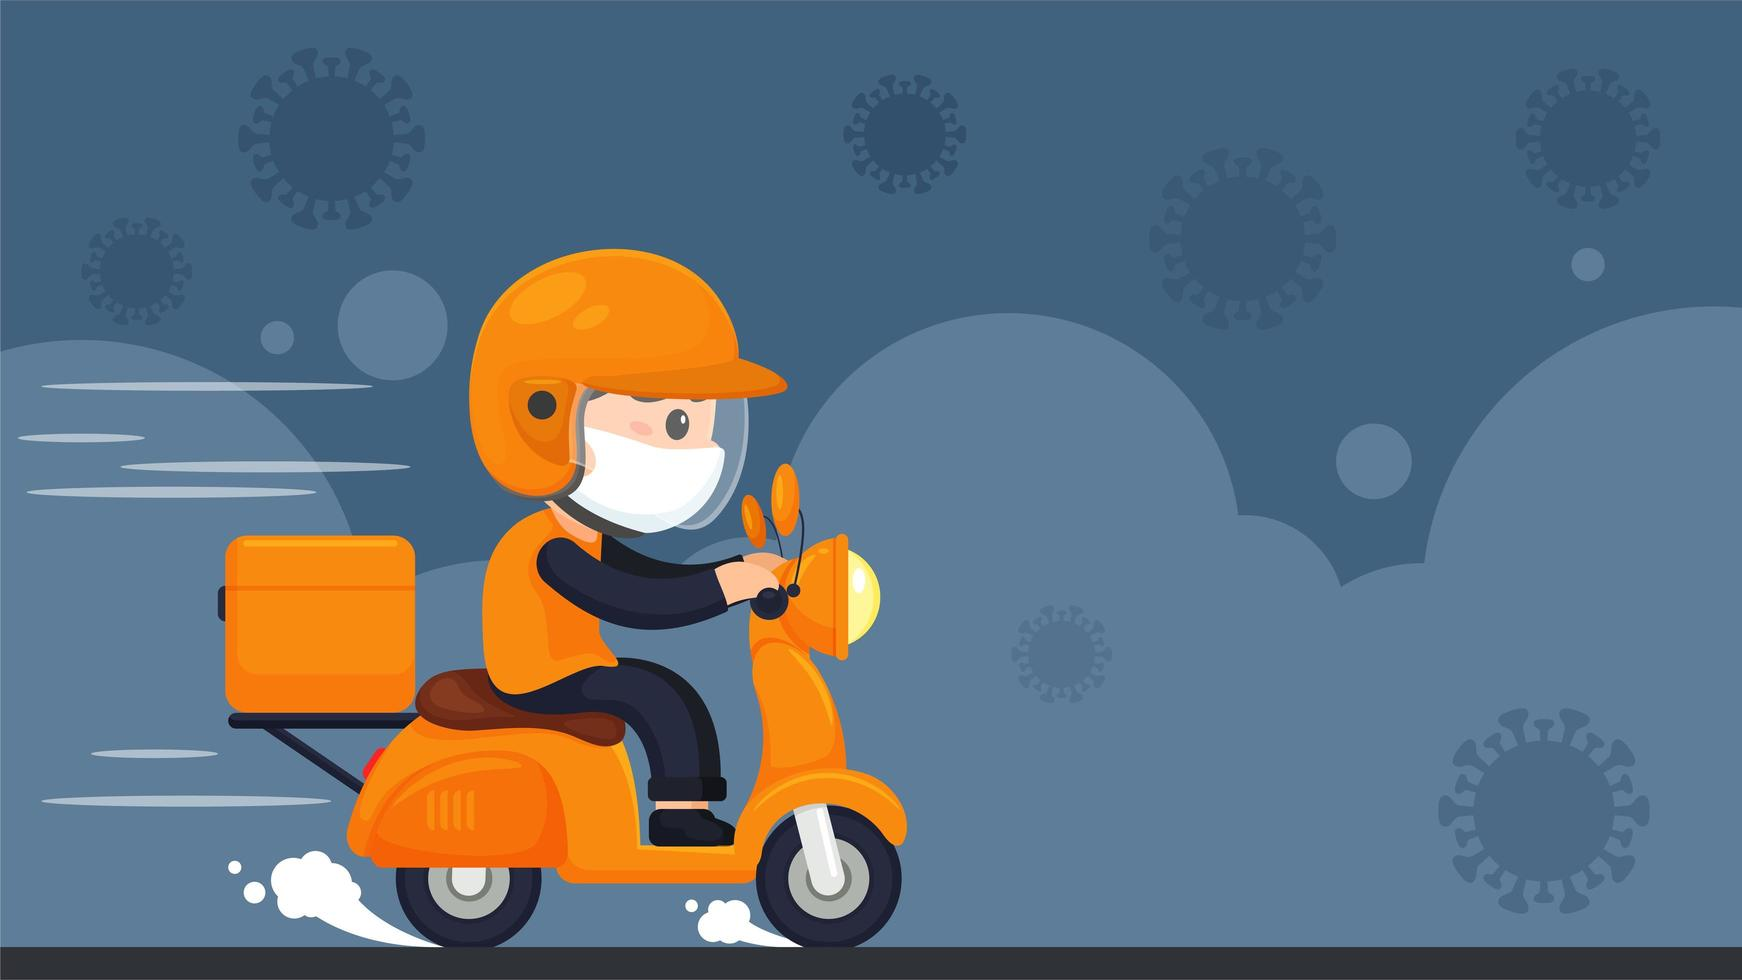 consegna tramite coronavirus in stile cartone animato vettore